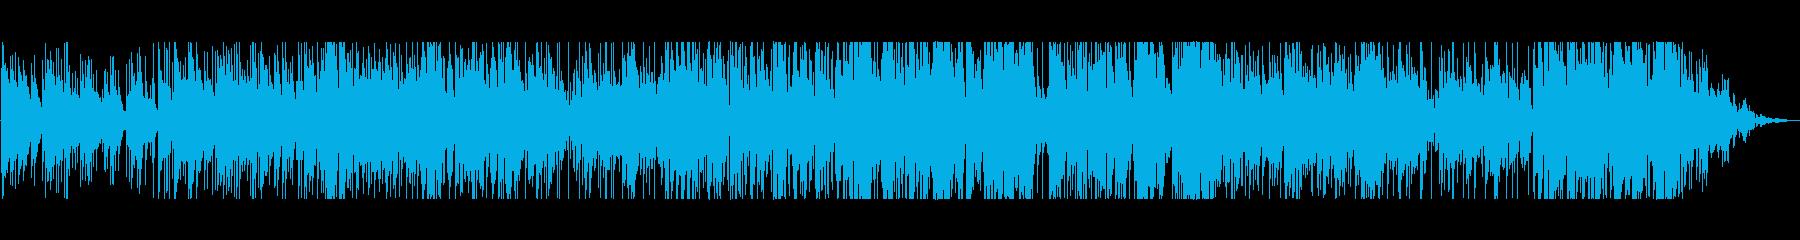 ほのぼのとしたインストの再生済みの波形